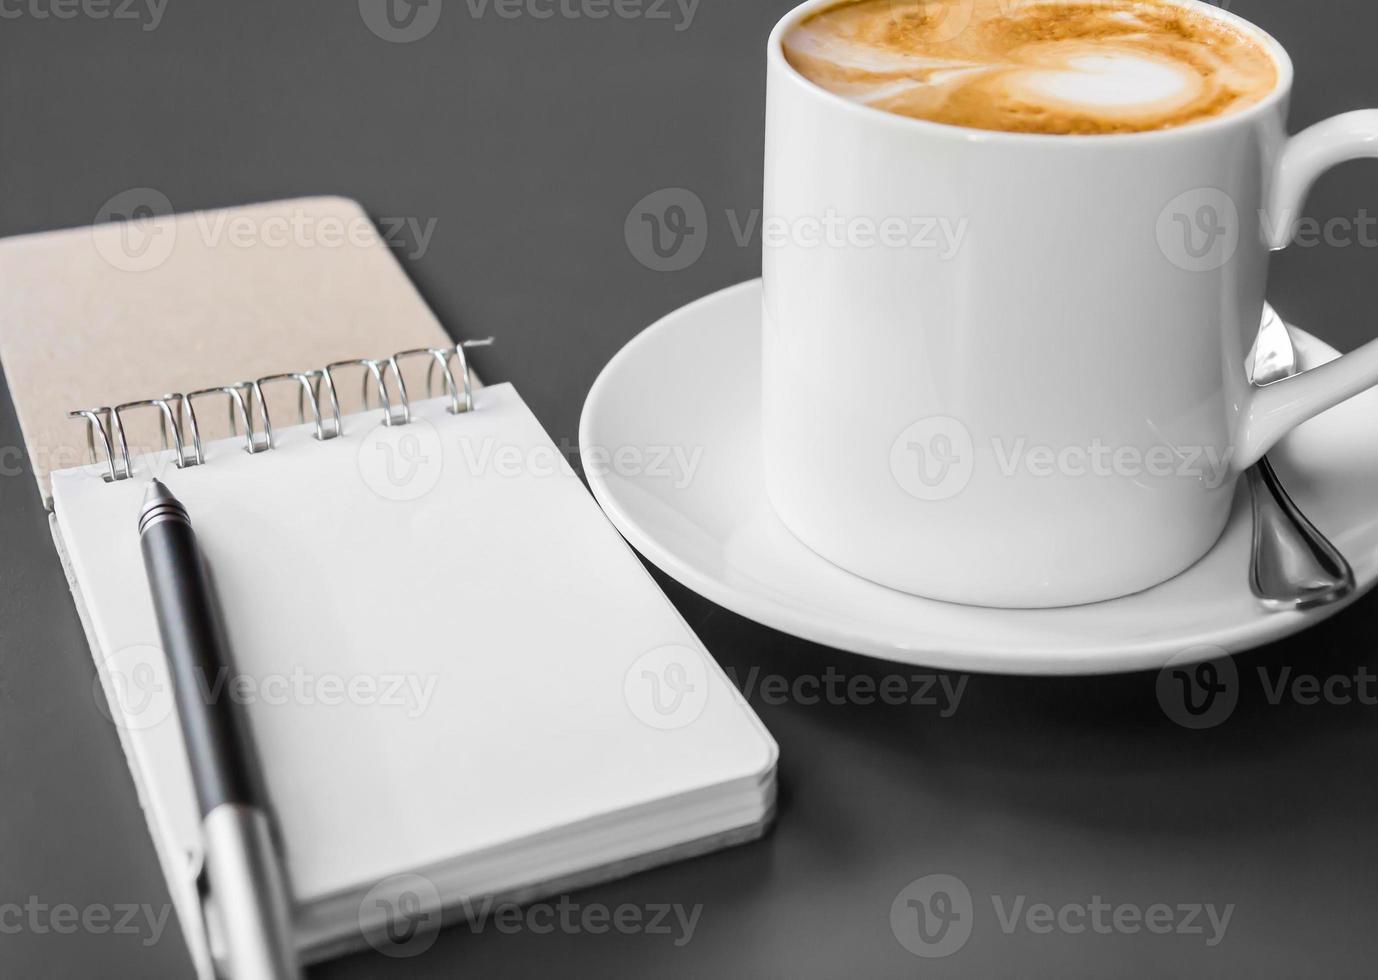 broschyr och kaffekopp på bordet foto